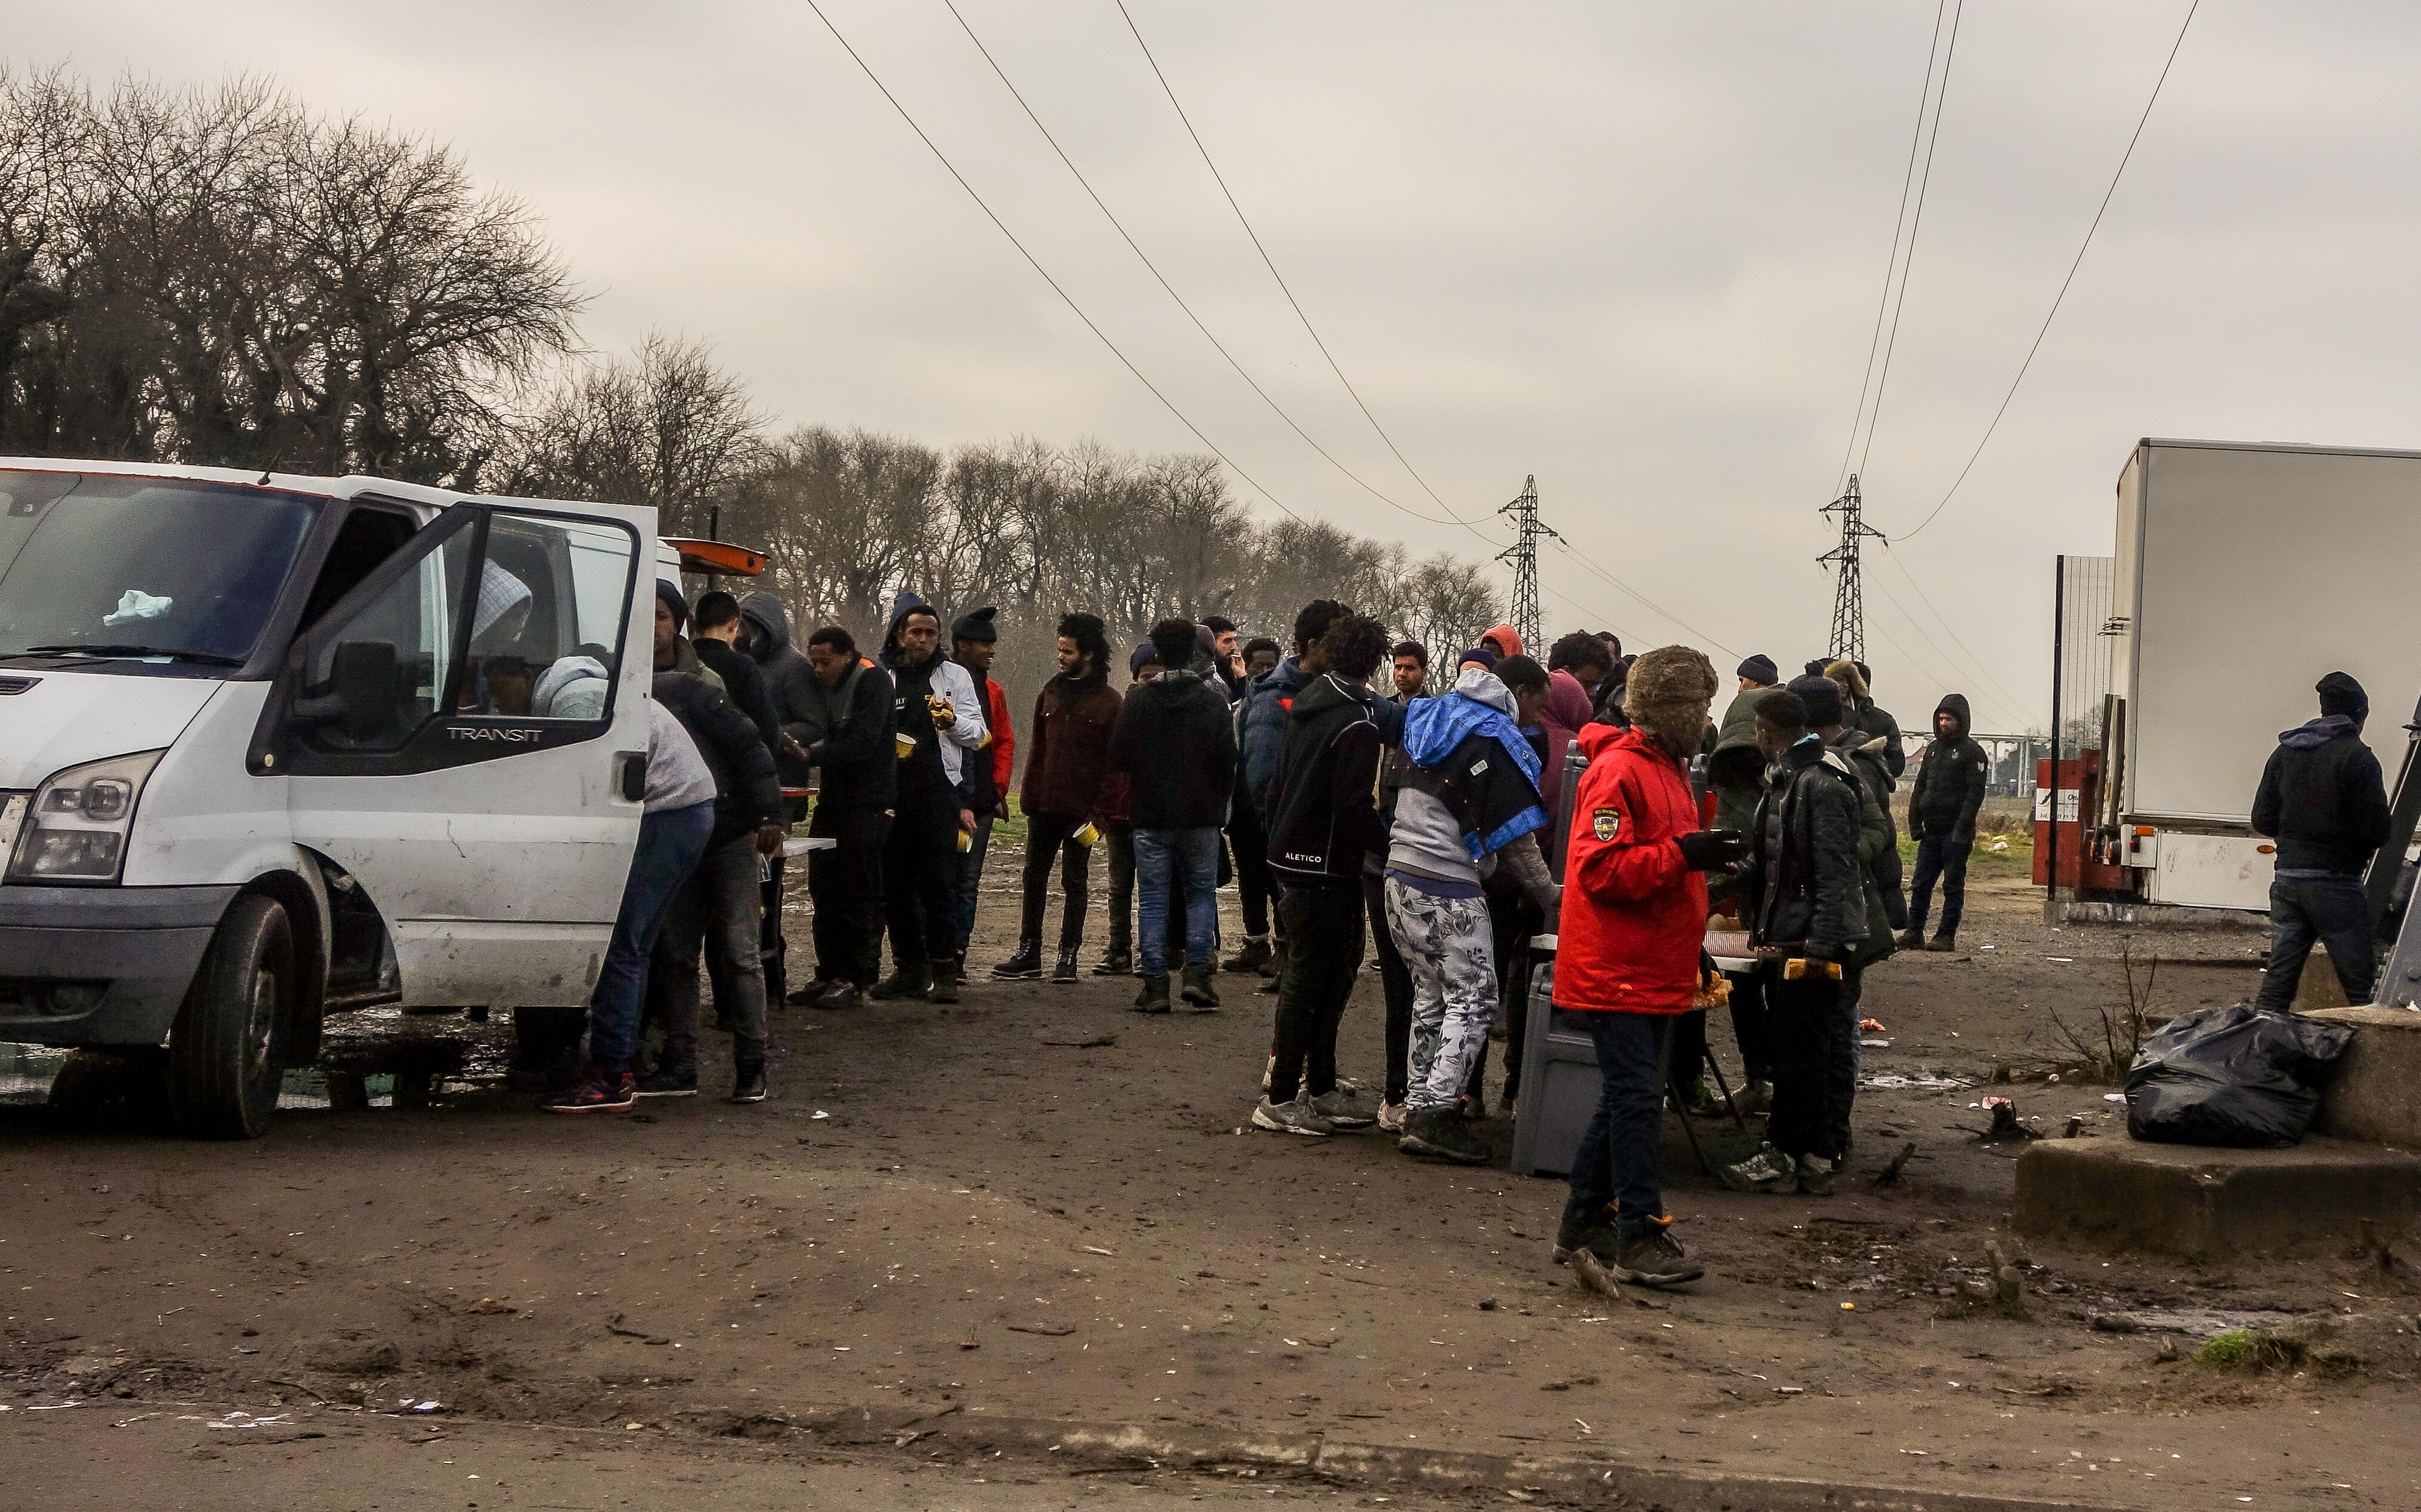 Eritreaiak és afgánok verekedtek össze össze a calais-i menekülttáborban